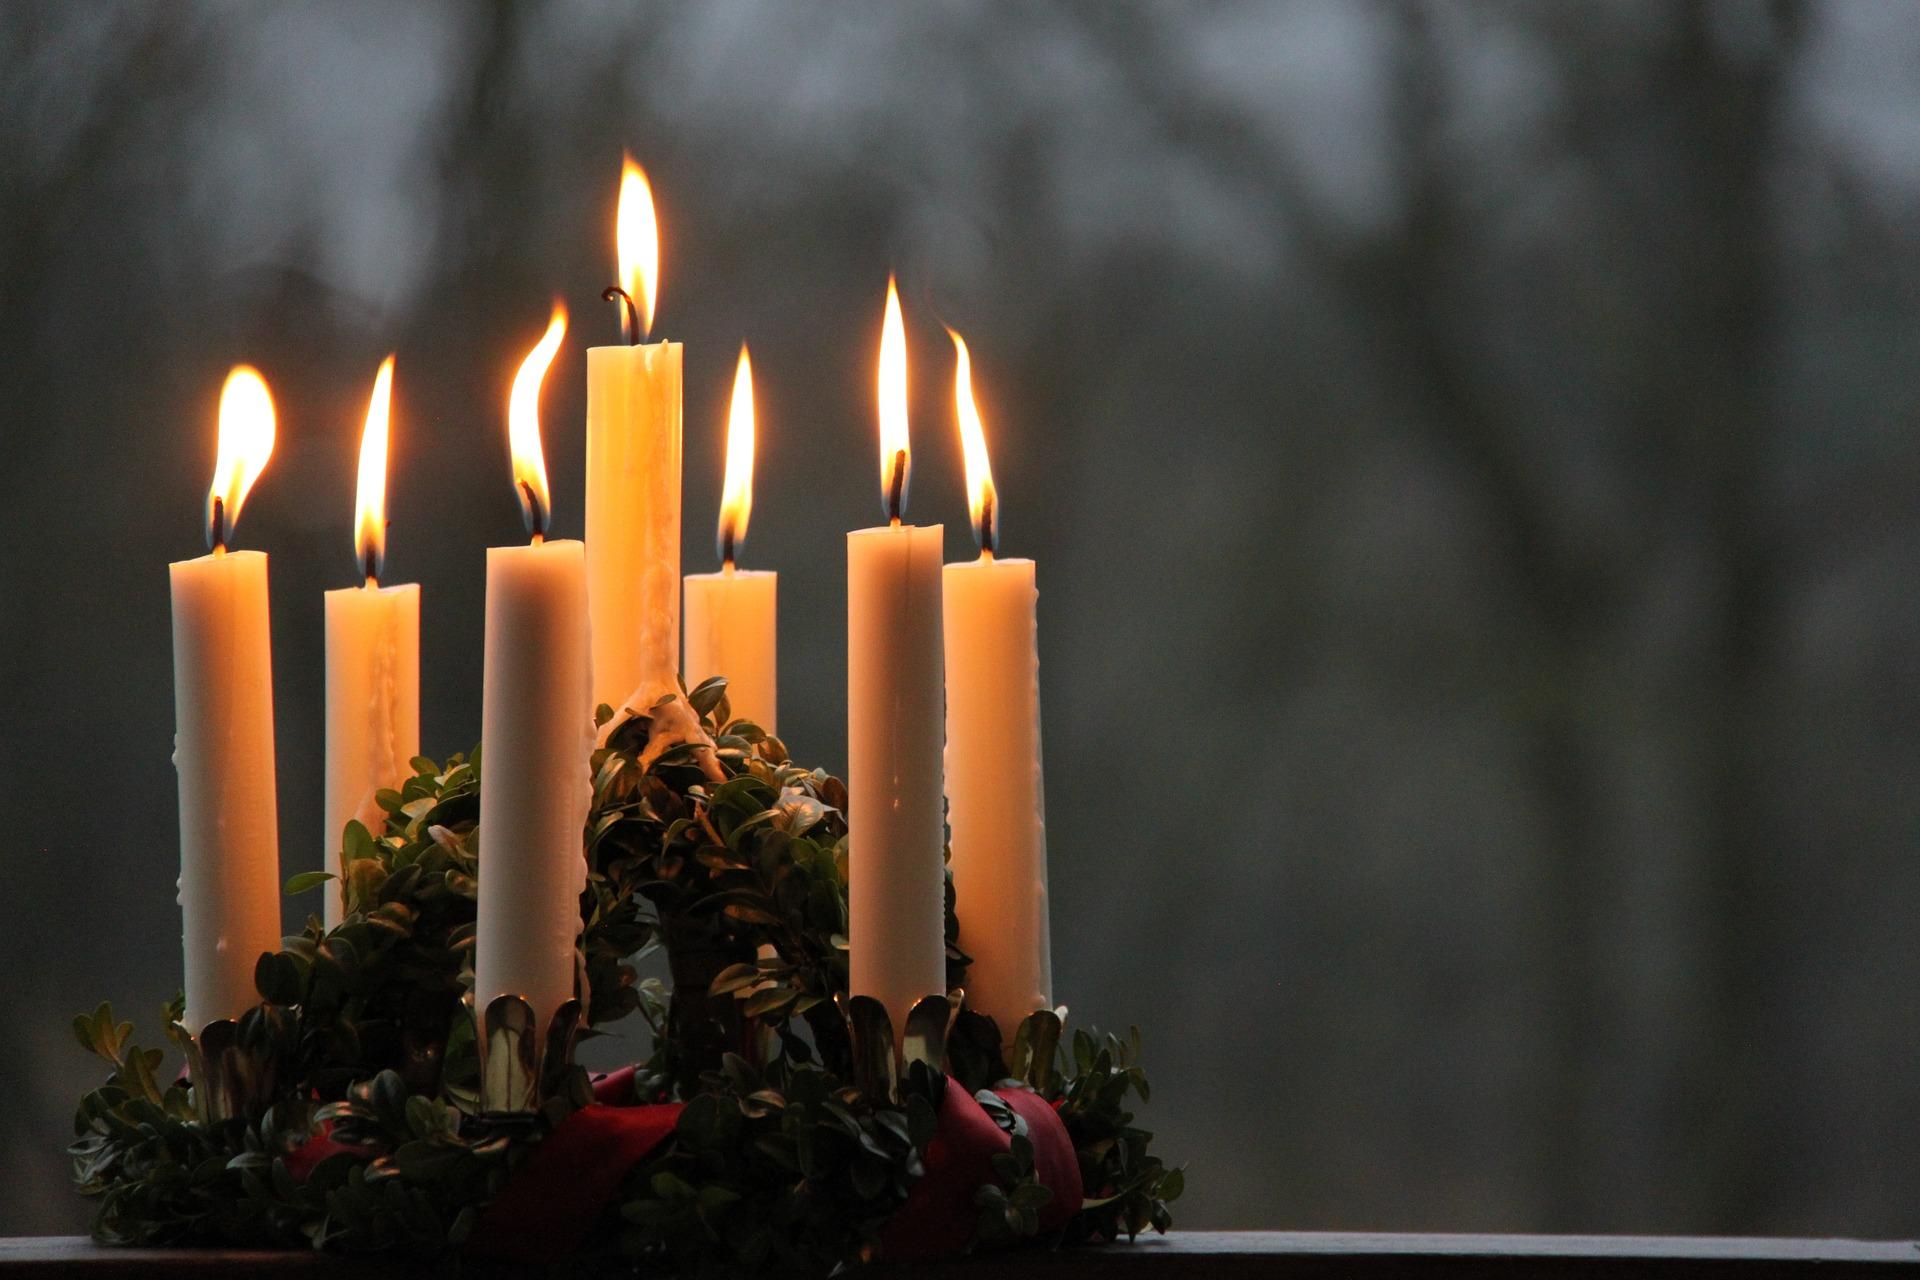 Ein Stück weihnachtliches Skandinavien in Bonn